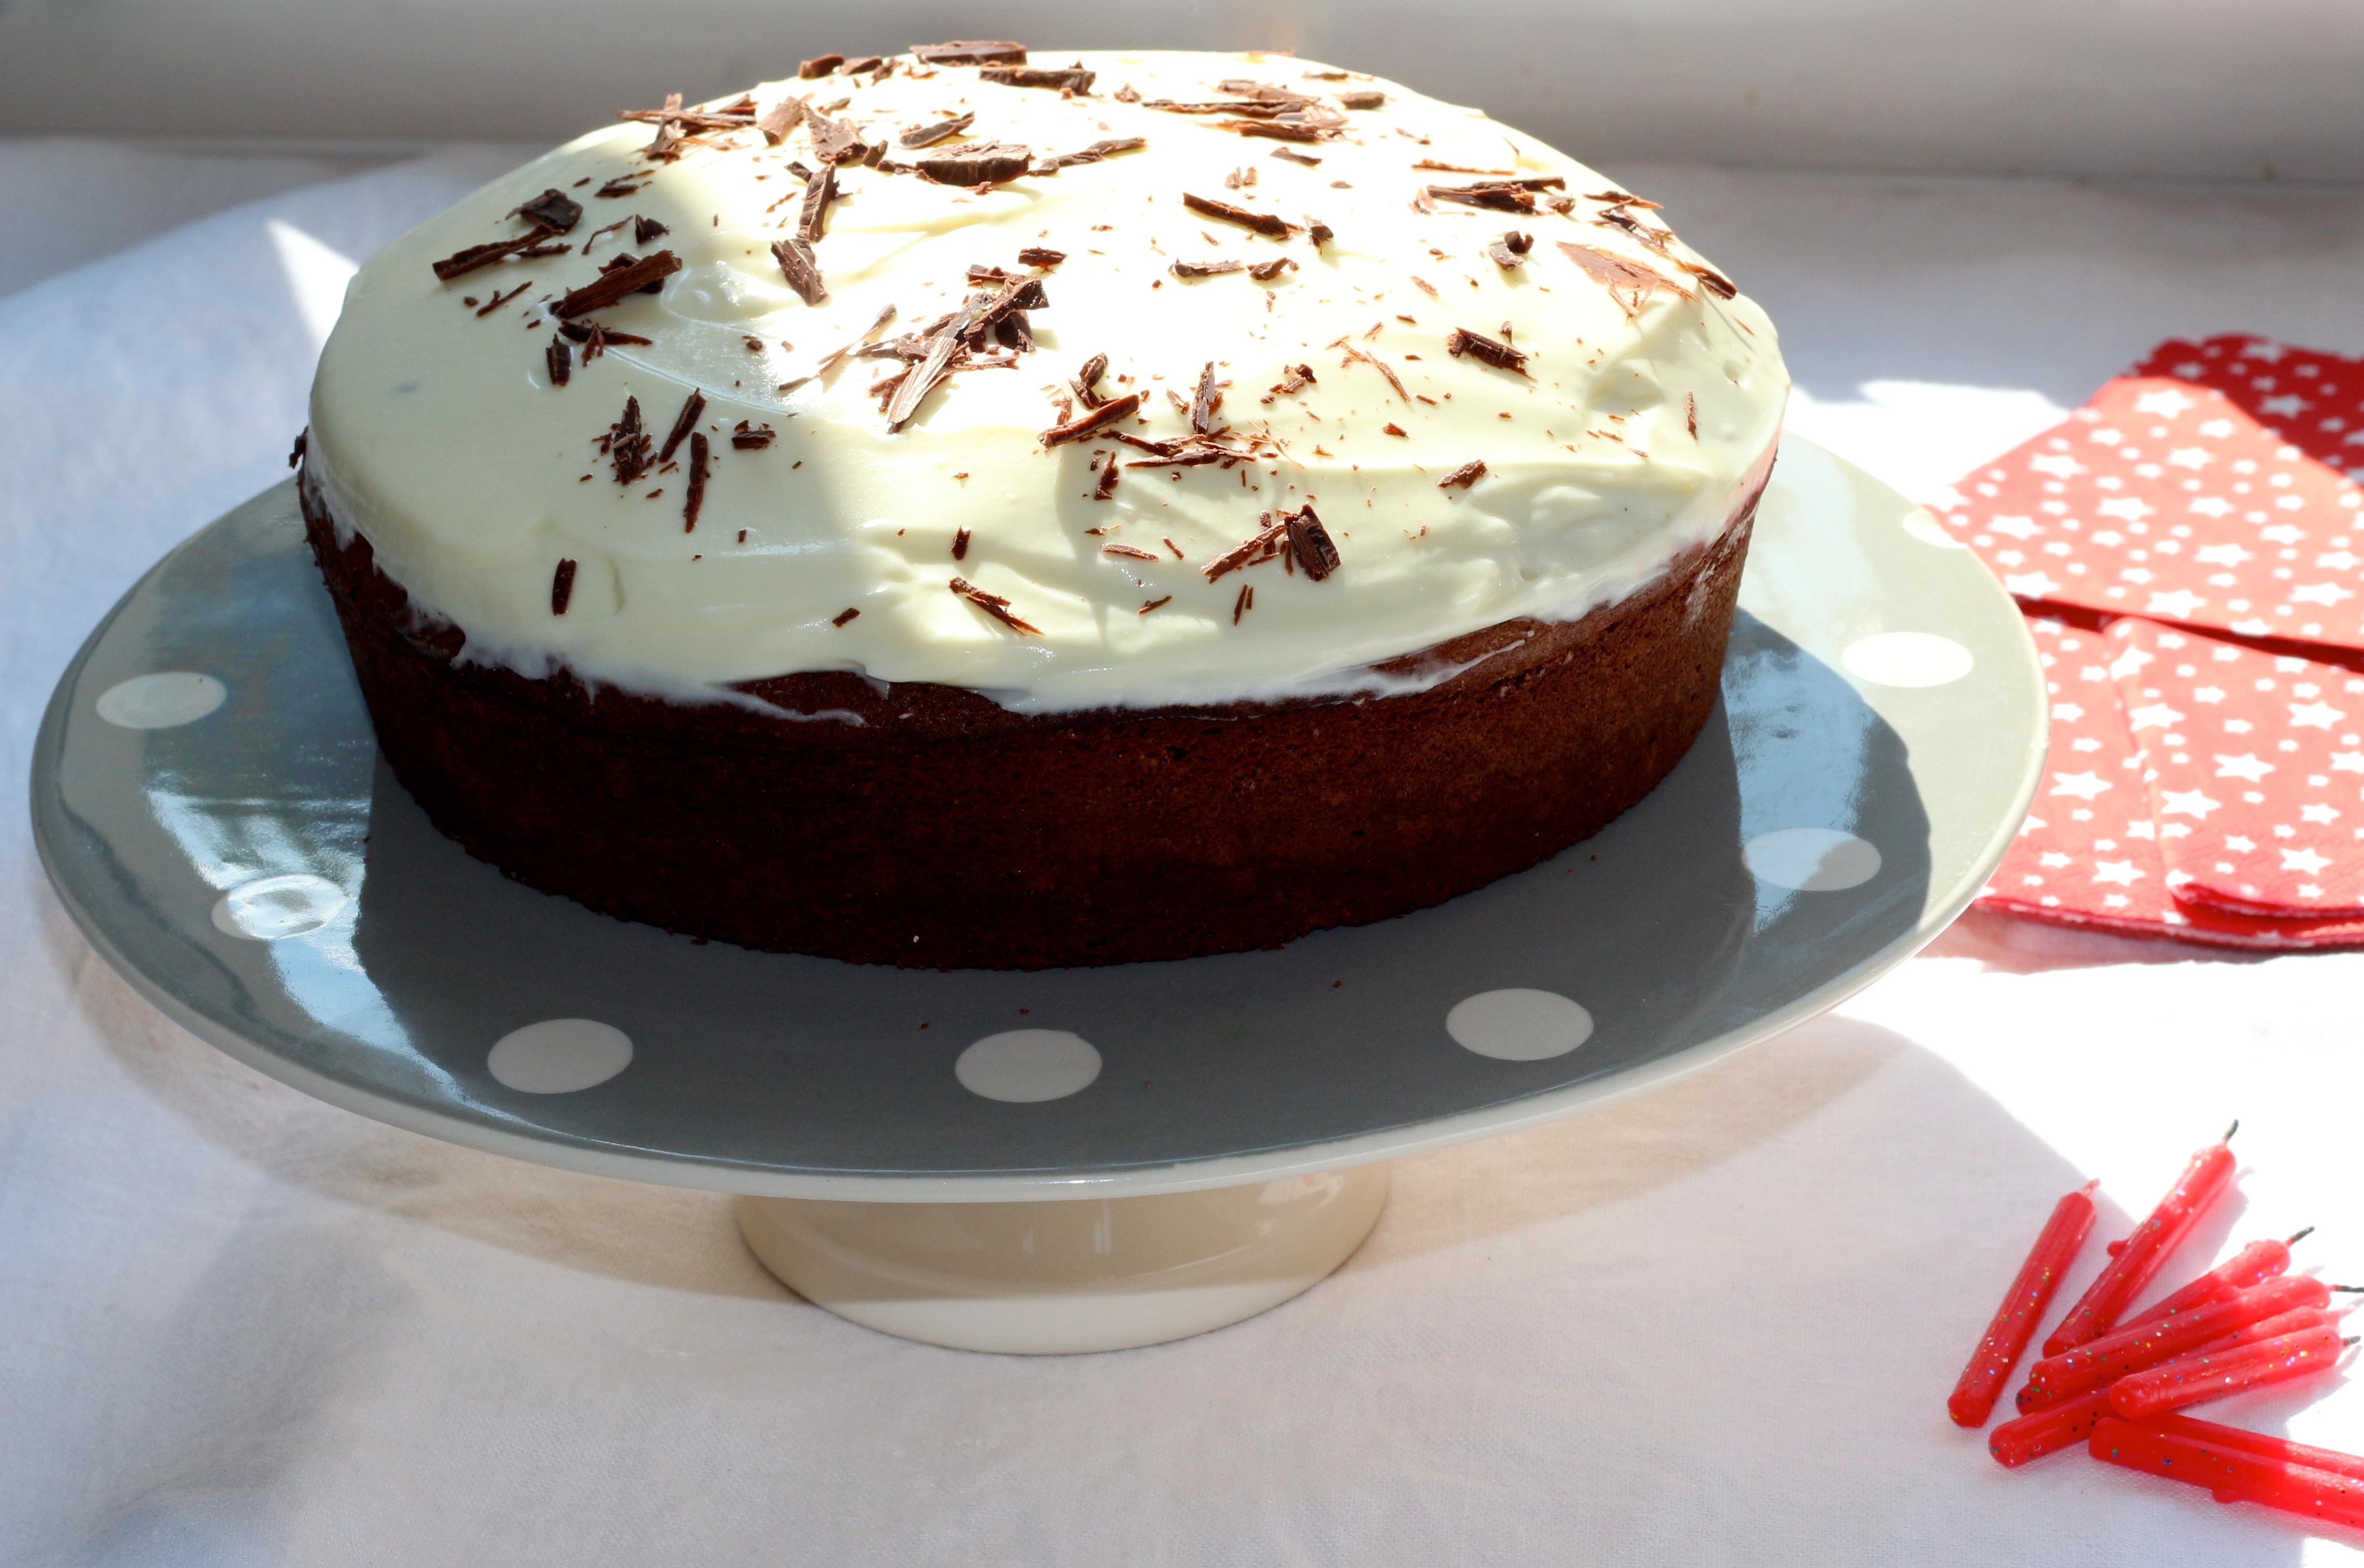 Friday cake #24 : birthday cake tout simple. Cette semaine, comme certains l'ont peut-être vu sur Instagram, nous avons fêté les 7 ans de mon grand garçon! A cette occasion, j'ai imaginé un gâteau tout simple, mais avec de vrais airs de 'birthday cake' car mon loulou est extrêmement gourmand. J'avais la pression ;) ... Heureusement le résultat était à la hauteur de ses attentes! birthday cake / gâteau d'anniversaire En voici la recette... Temps de préparation : 15 minutes Temps de cuisson : 45 minutes Ingrédients (pour 8 personnes) : 5 oeufs 130 g de farine 120 g de sucre 175 g de beurre 200 g de chocolat noir ( gardez un carreau pour faire des copeaux décoratifs sur le gâteau) 100 g de crème liquide 200 g de mascarpone 50 g de sucre glace Copeaux de chocolat (1 carreau) Préchauffez le four à 170 °C. Séparez les blancs des jaunes. Montez les blancs en neige avec une pincée de sel. Dans un grand saladier, battez les jaunes d'oeuf avec le sucre. rajoutez la farine et continuez à battre. Faites fondre le chocolat avec le beurre coupé en morceaux, soit au bain-marie, soit au micro-ondes (1 minute à 900 W). Mélangez bien le beurre et le chocolat fondu puis incorporez-les à la préparation oeufs + farine. Battez. Ajoutez ensuite délicatement les blancs petit à petit pour obtenir une pâte bien mousseuse. Versez ensuite la préparation dans un moule rond de 20 cm de diamètre. Faites cuire 45 minutes environ à 170°C. Laissez ensuite réfroidir le gâteau à température ambiante, puis démoulez-le. Préparez ensuite la crème : montez la crème liquide en chantilly avec le sucre glace, puis rajoutez le mascarpone en continuant à battre. Recouvrez ensuite le dessus du gâteau en lissant avec une spatule. Vous pouvez décorez de quelques copeaux de chocolat noir. En attendant de déguster le gâteau, conservez-le au frais. N.B. : Avec les quantités indiquées pour la crème, vous pouvez uniquement recouvrir le dessus du gâteau. Si vous souhaitez également fourrer le gâteau avec de la crème, d